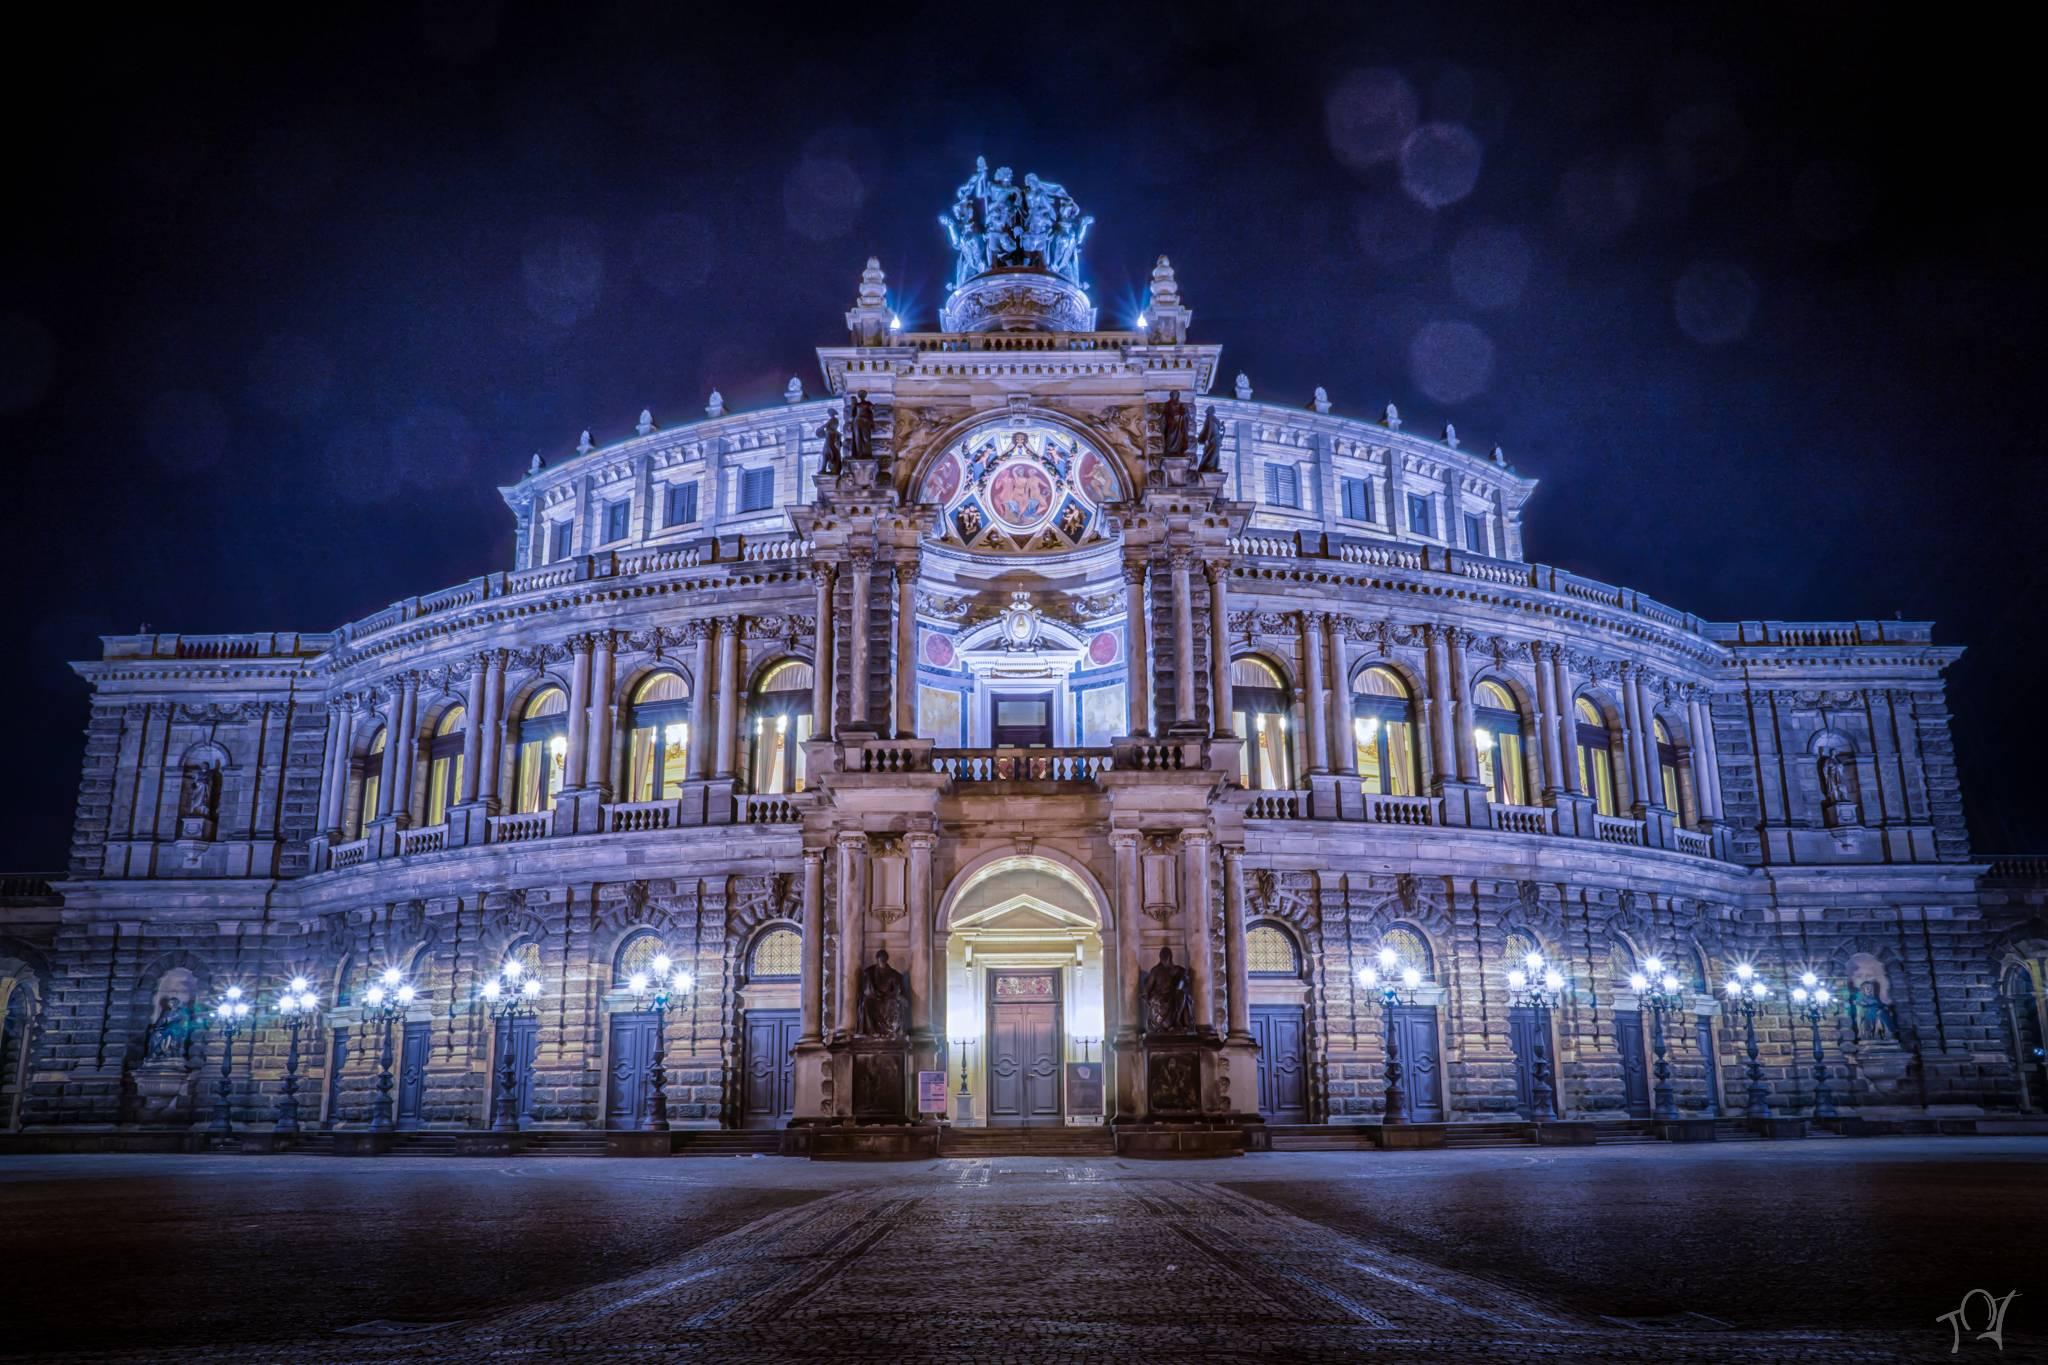 Опера гарнье: история, описание, фото